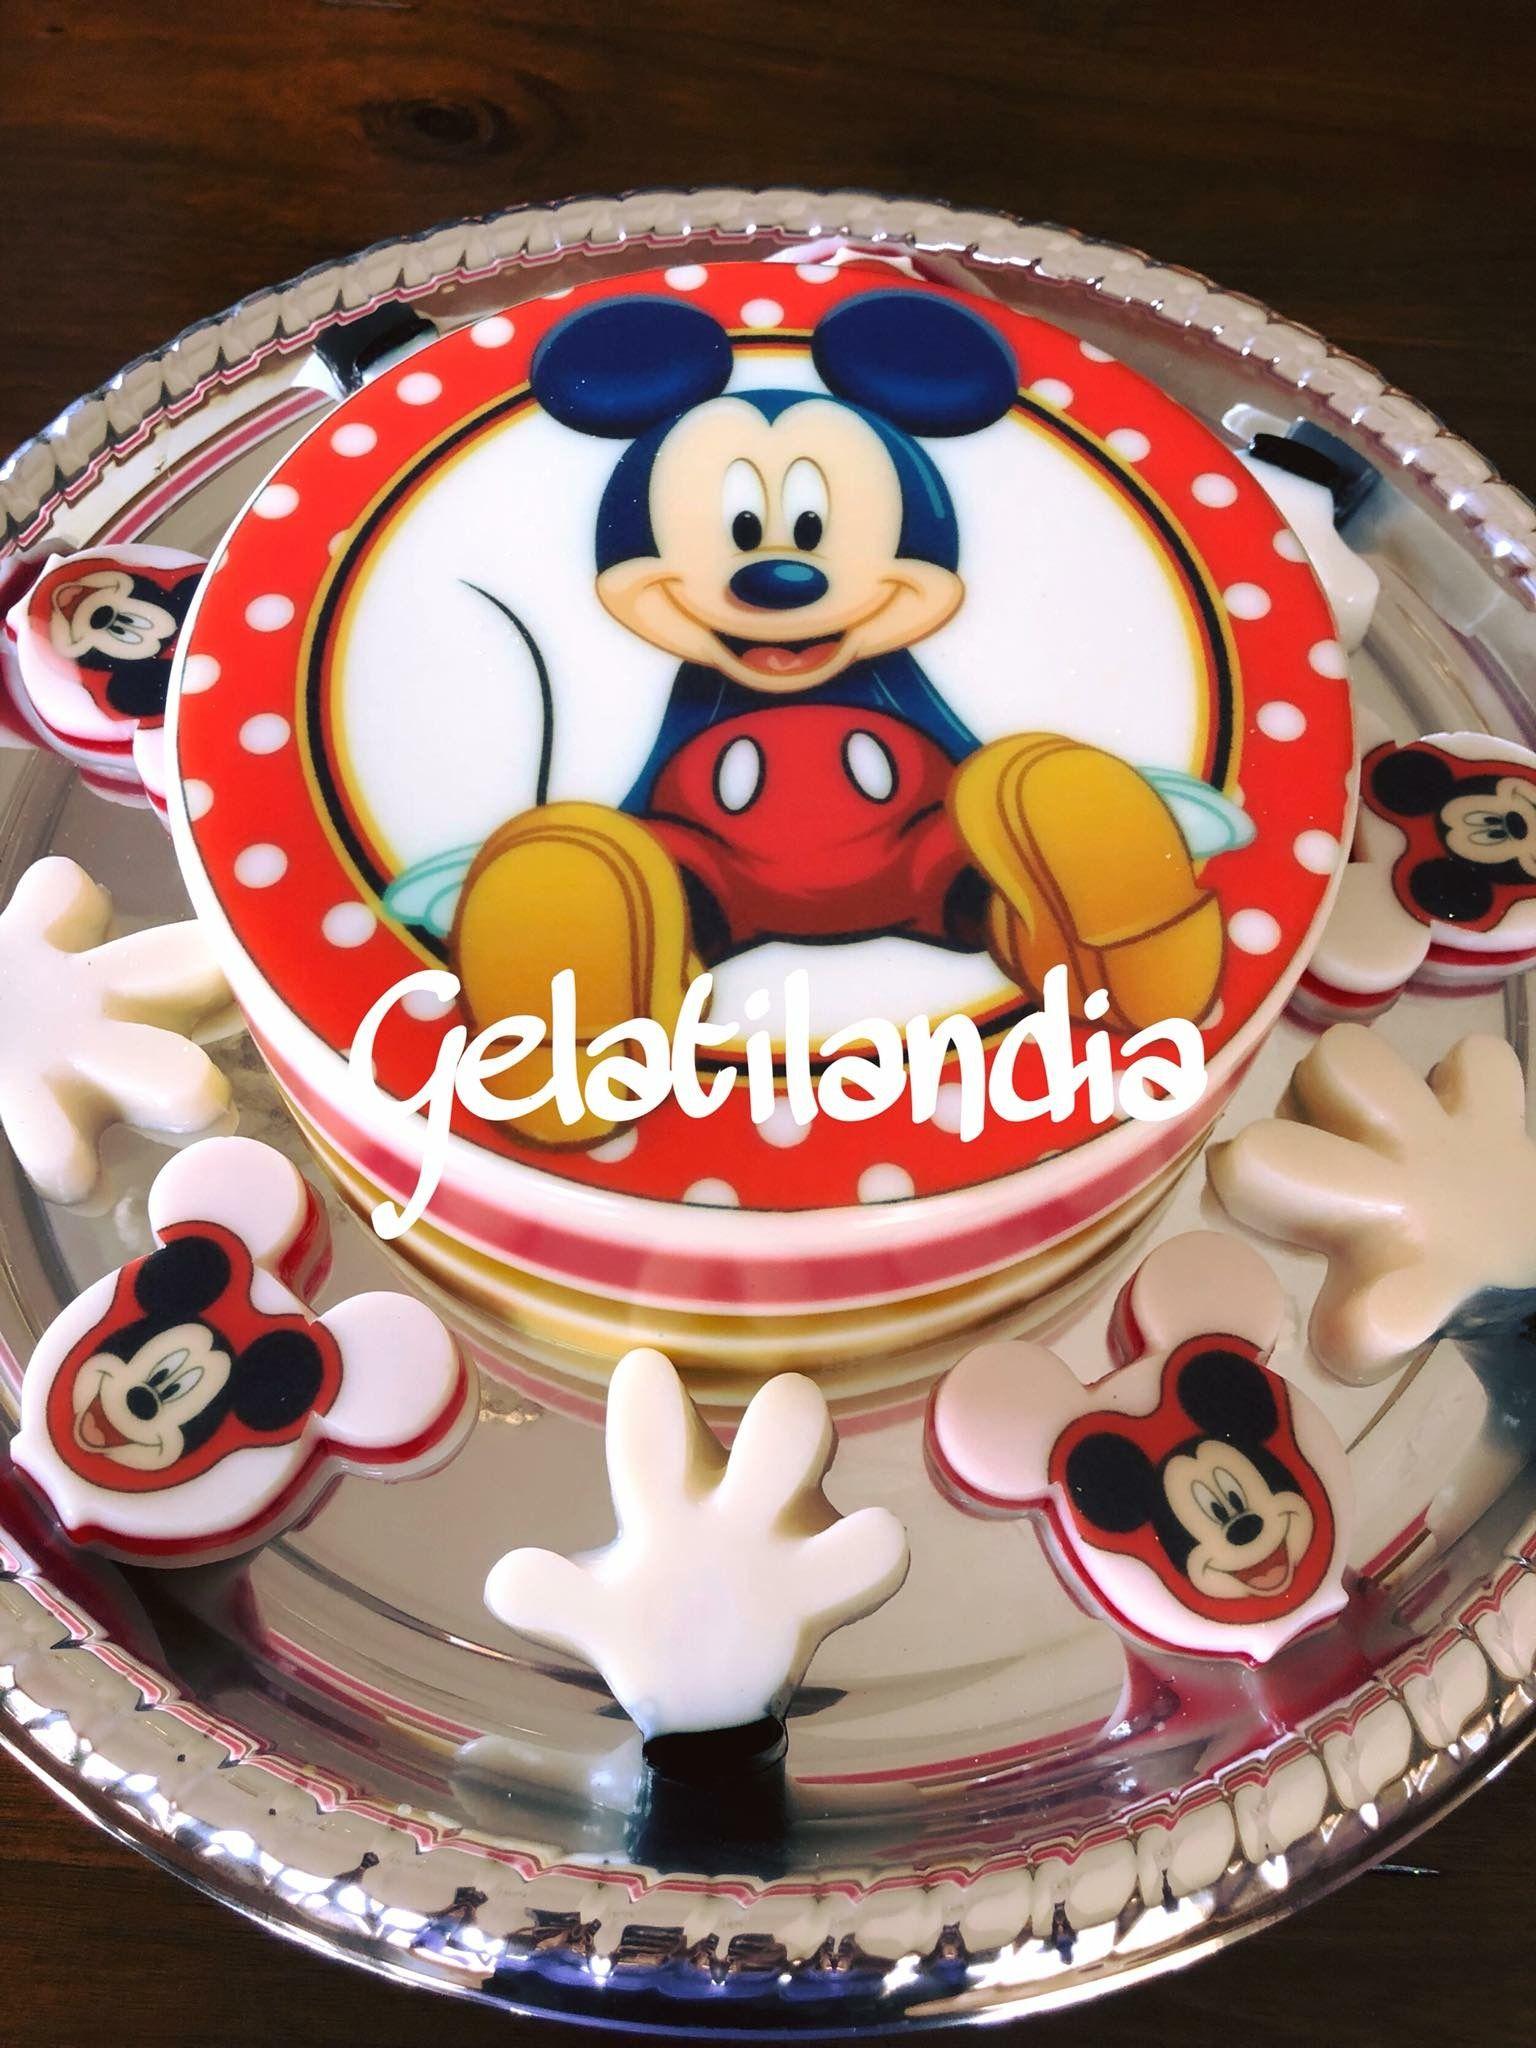 Gelatina De Mickey Mouse Gelatinas Infantiles Gelatinas Gelatinas Para Fiestas